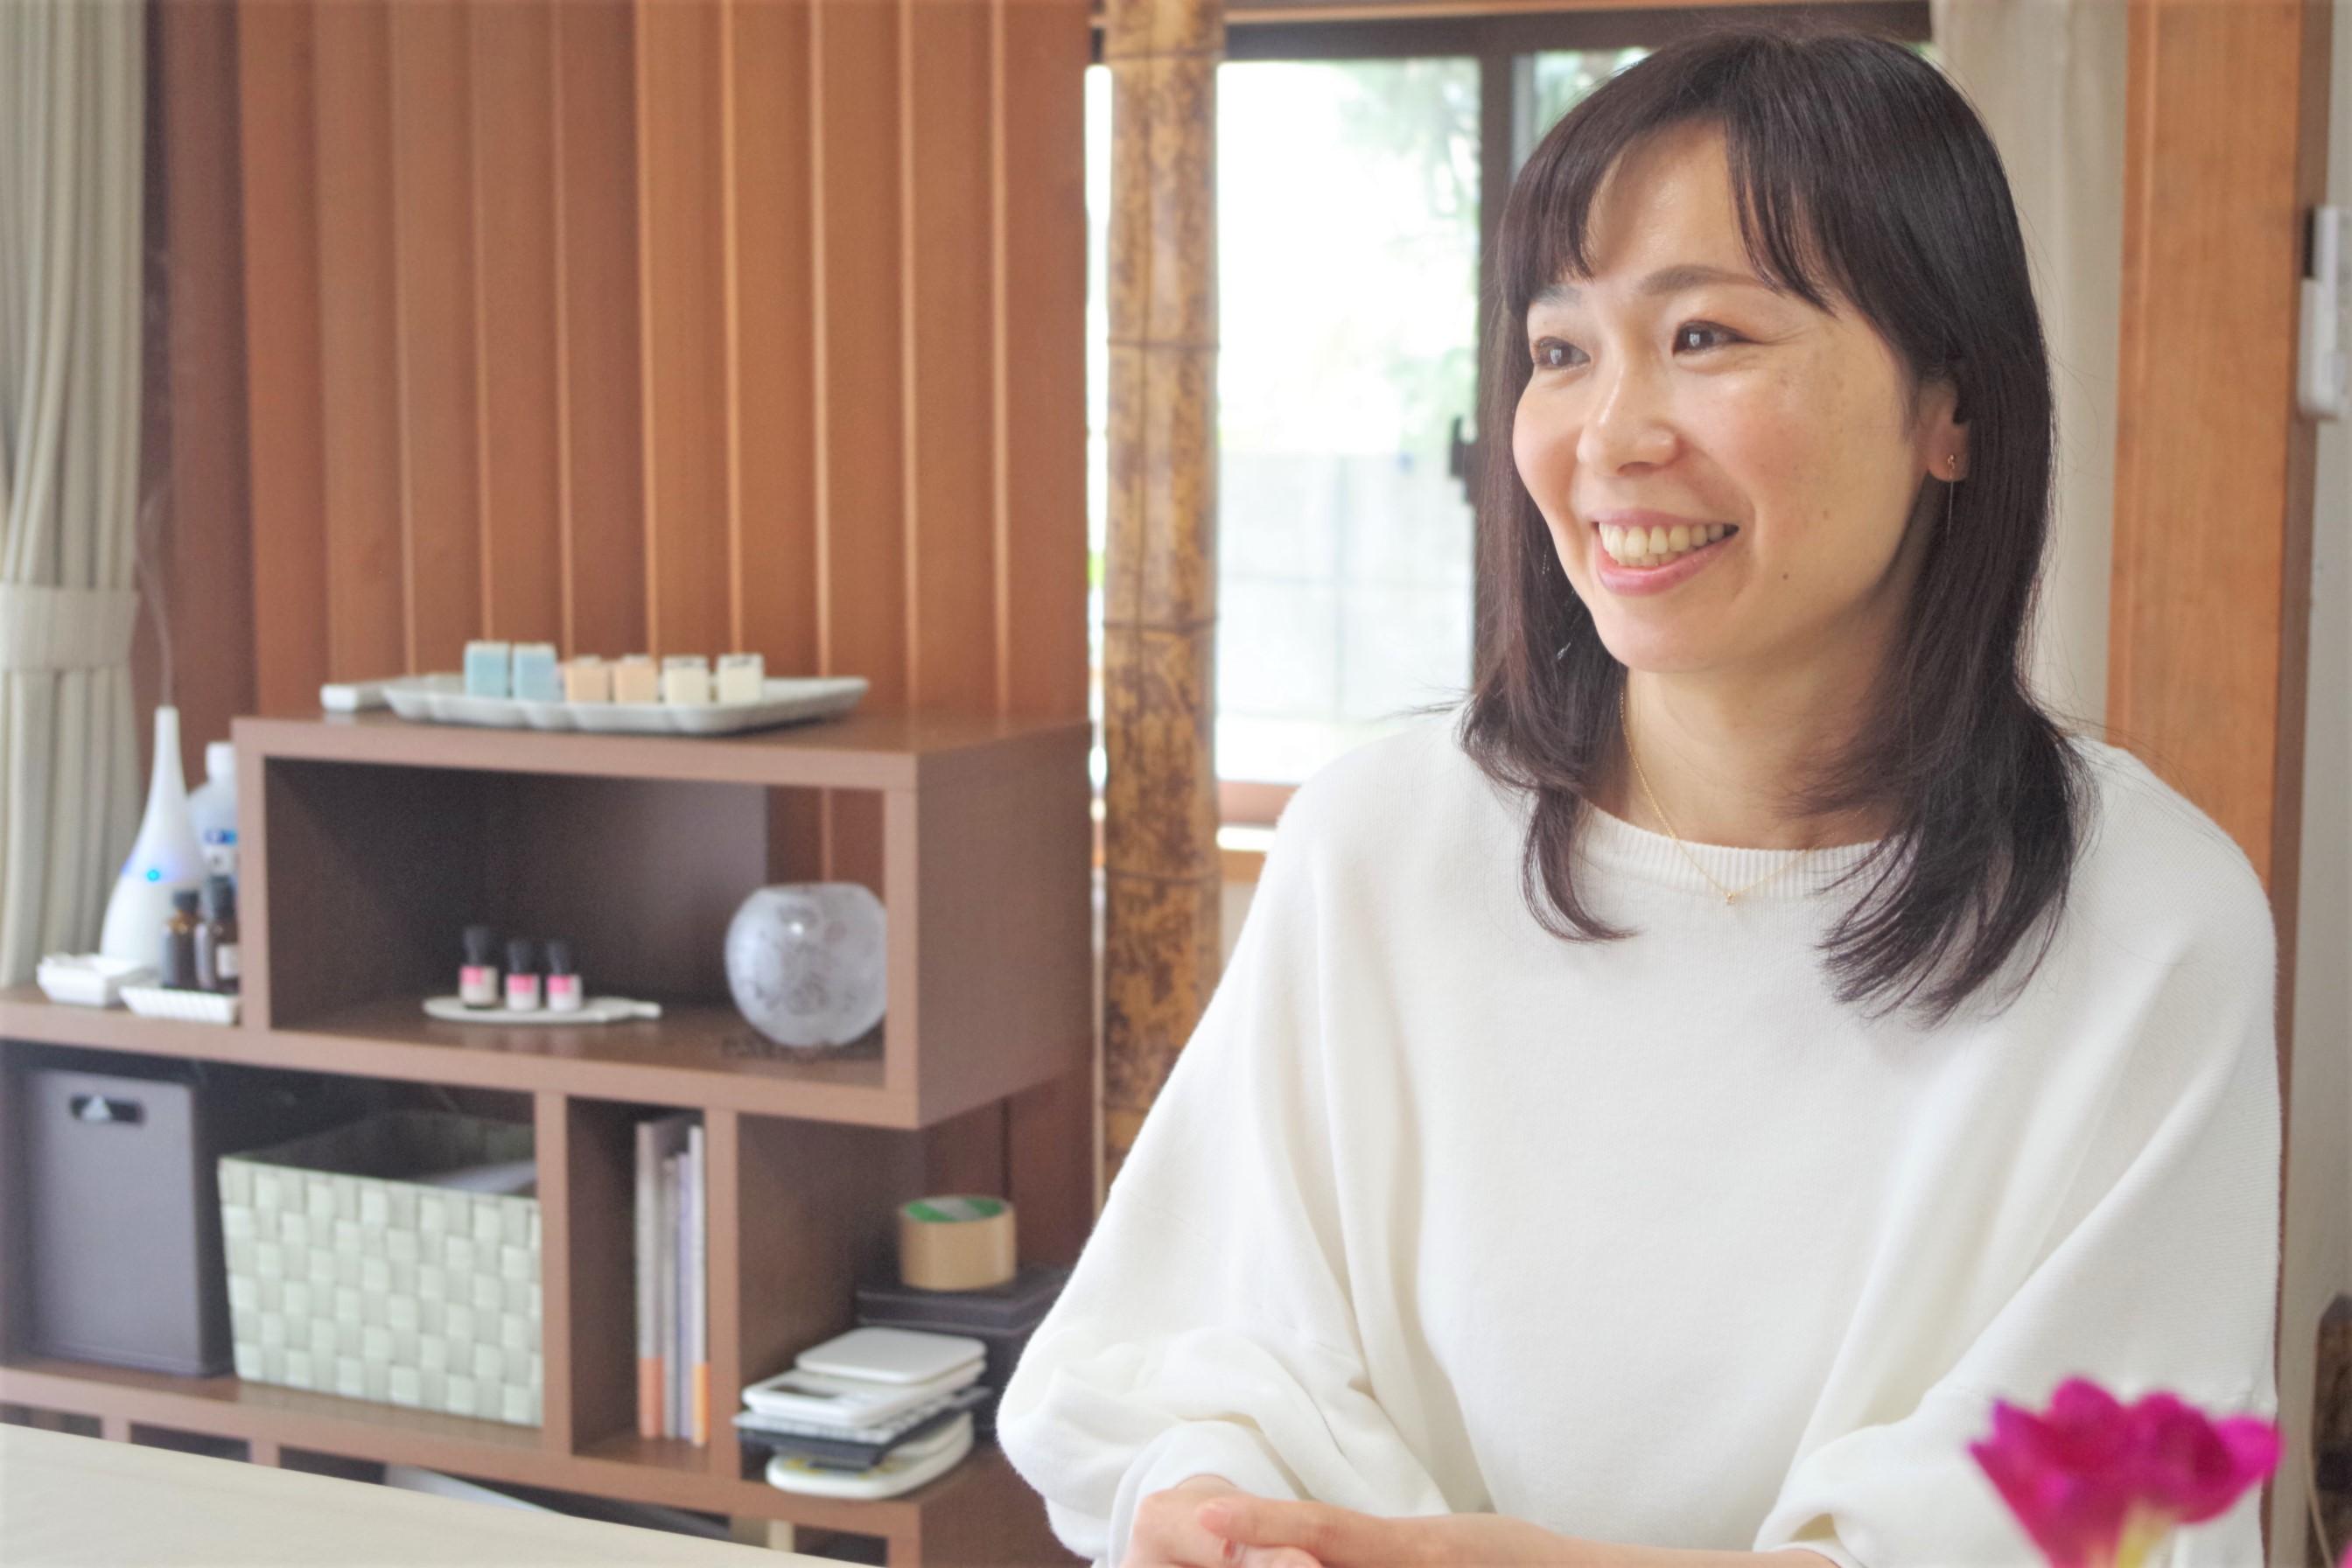 手作り石けん,インタビュー,金子ひとみ,With Flowers